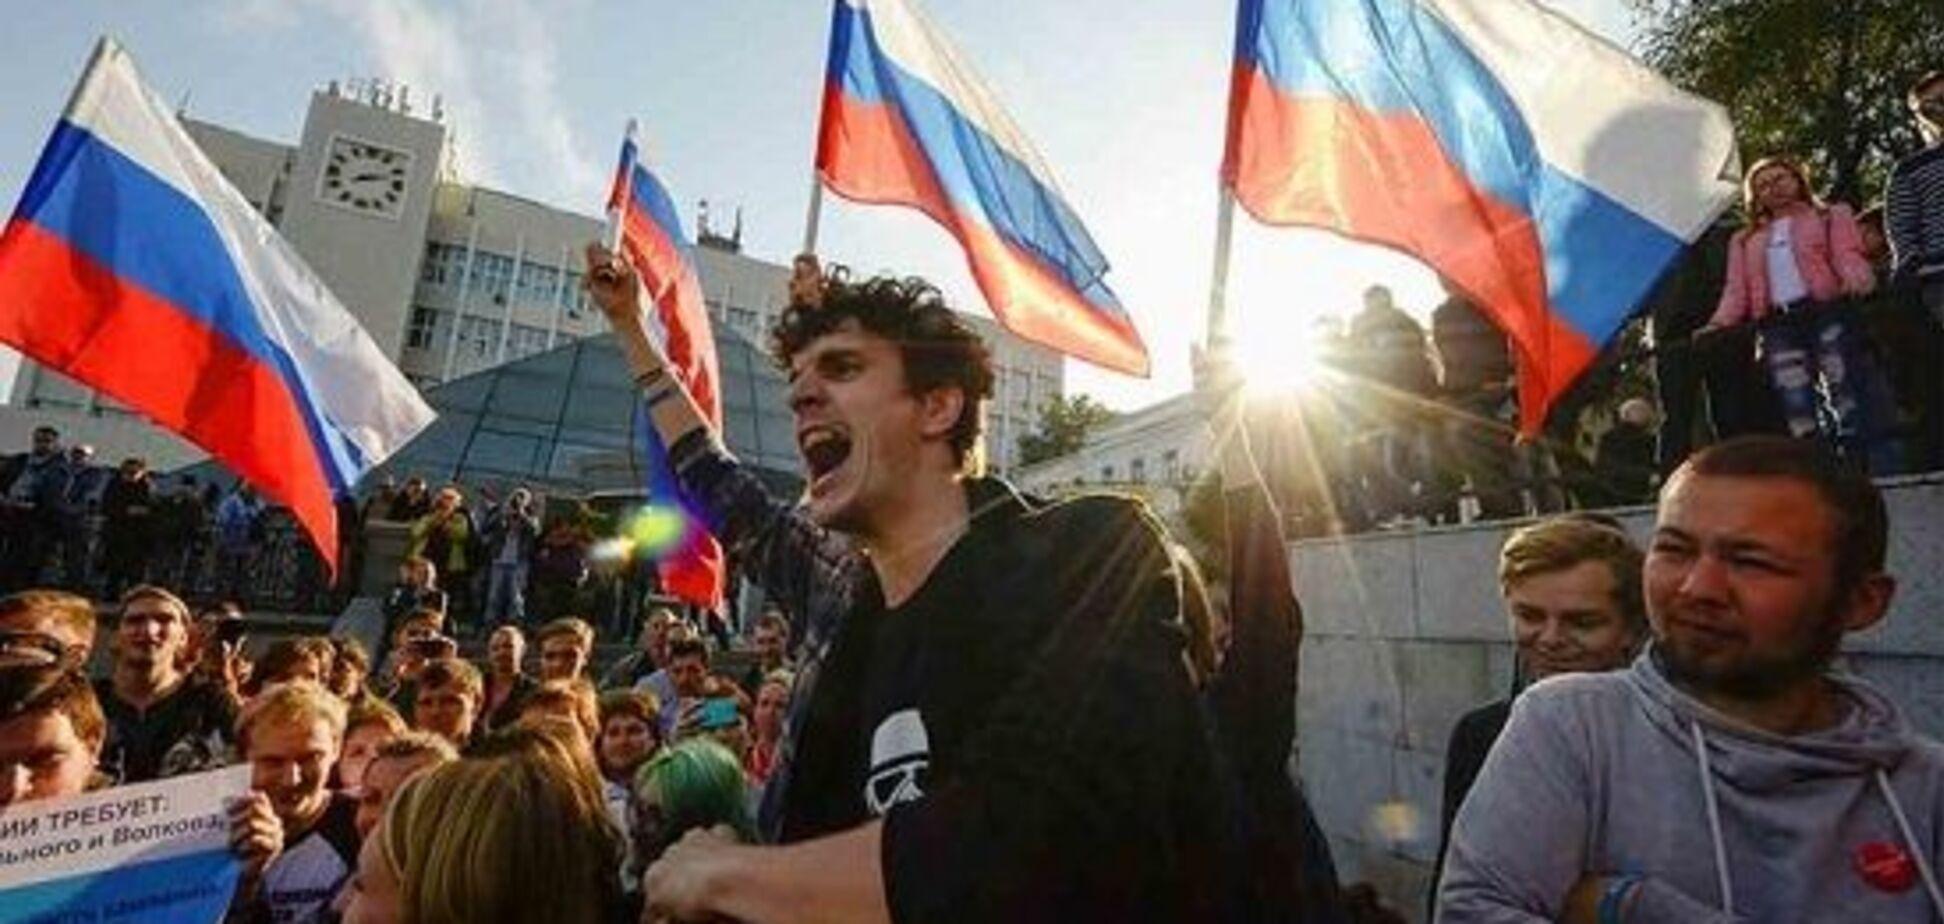 Режим скоро рухнет? Пионтковский озвучил прогноз для Путина